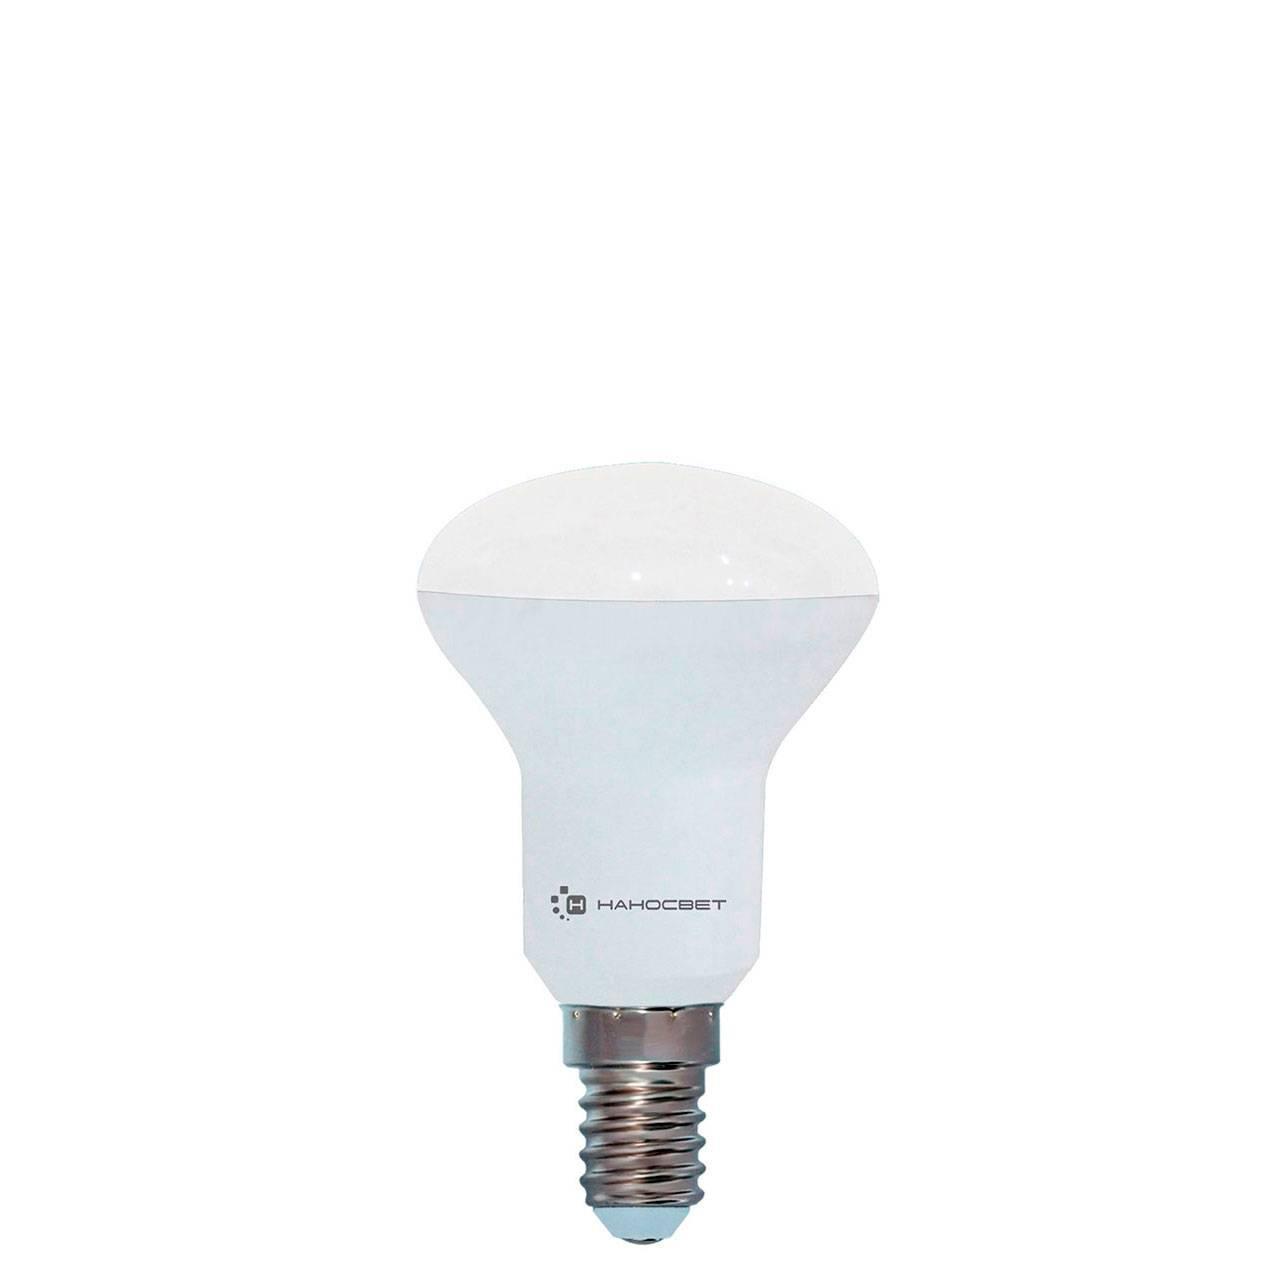 Лампа светодиодная рефлекторная E14 3,5W 2700K матовая LE-R39-3.5/E14/827 L260 goodeck лампа светодиодная goodeck рефлекторная матовая gu5 3 5 5w 2700k gl1007025106